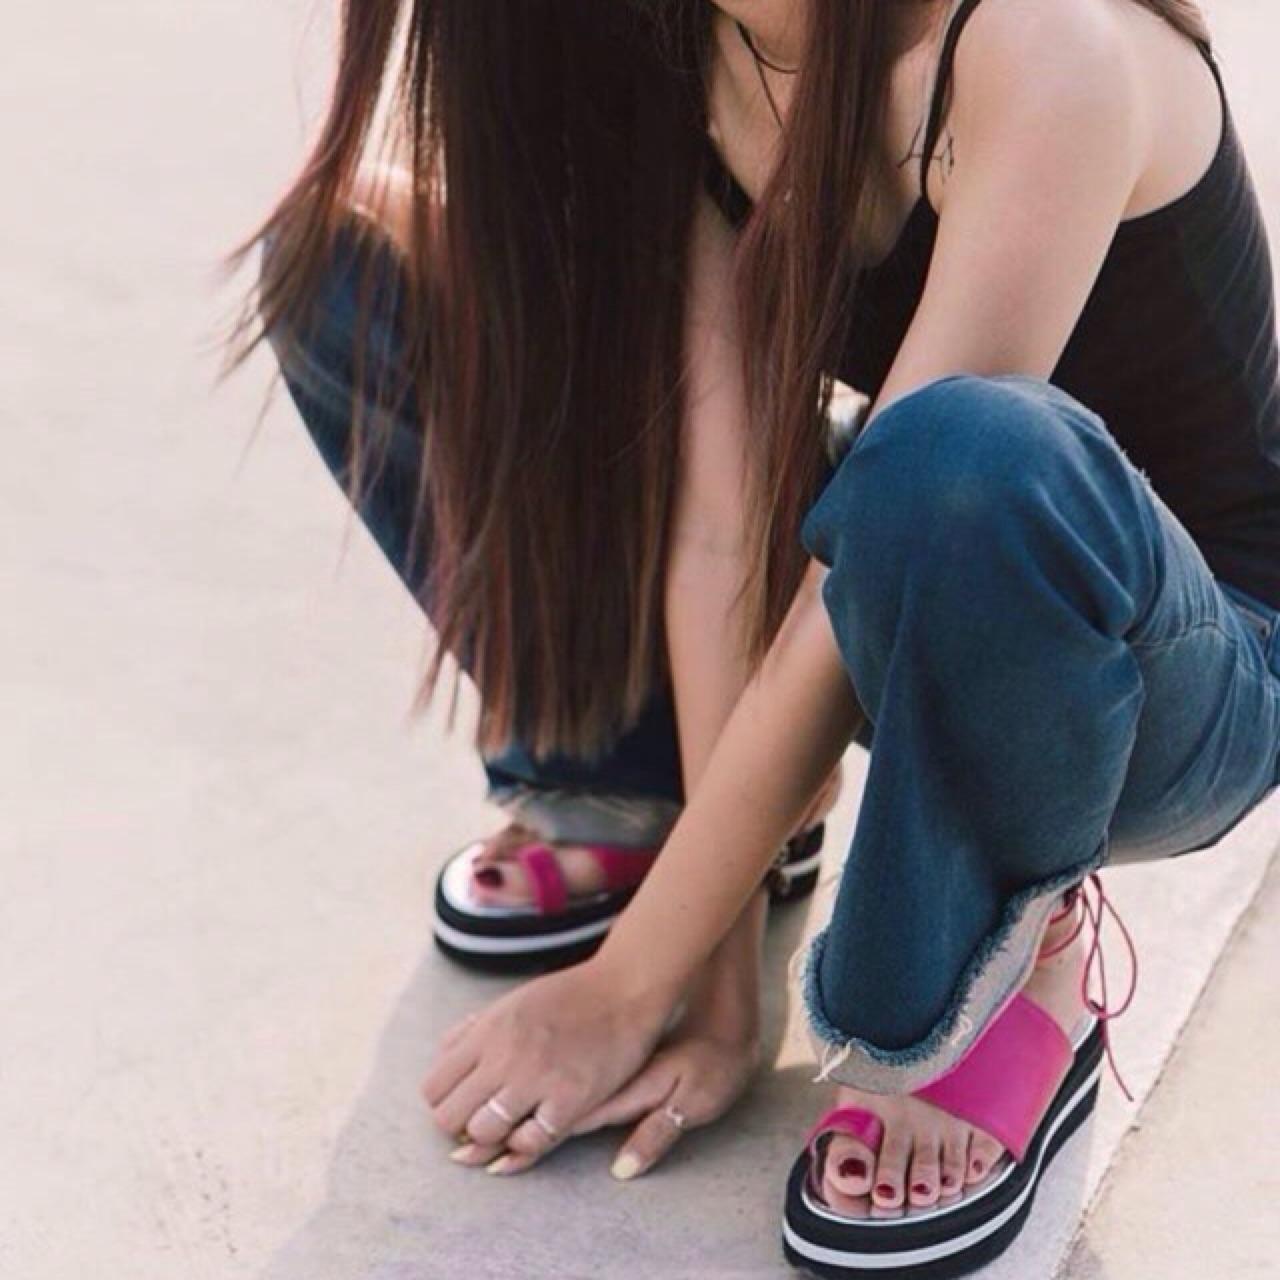 [ รองเท้าแพลตฟอร์ม มีสายผูข้อเท้า - 990 THB ]